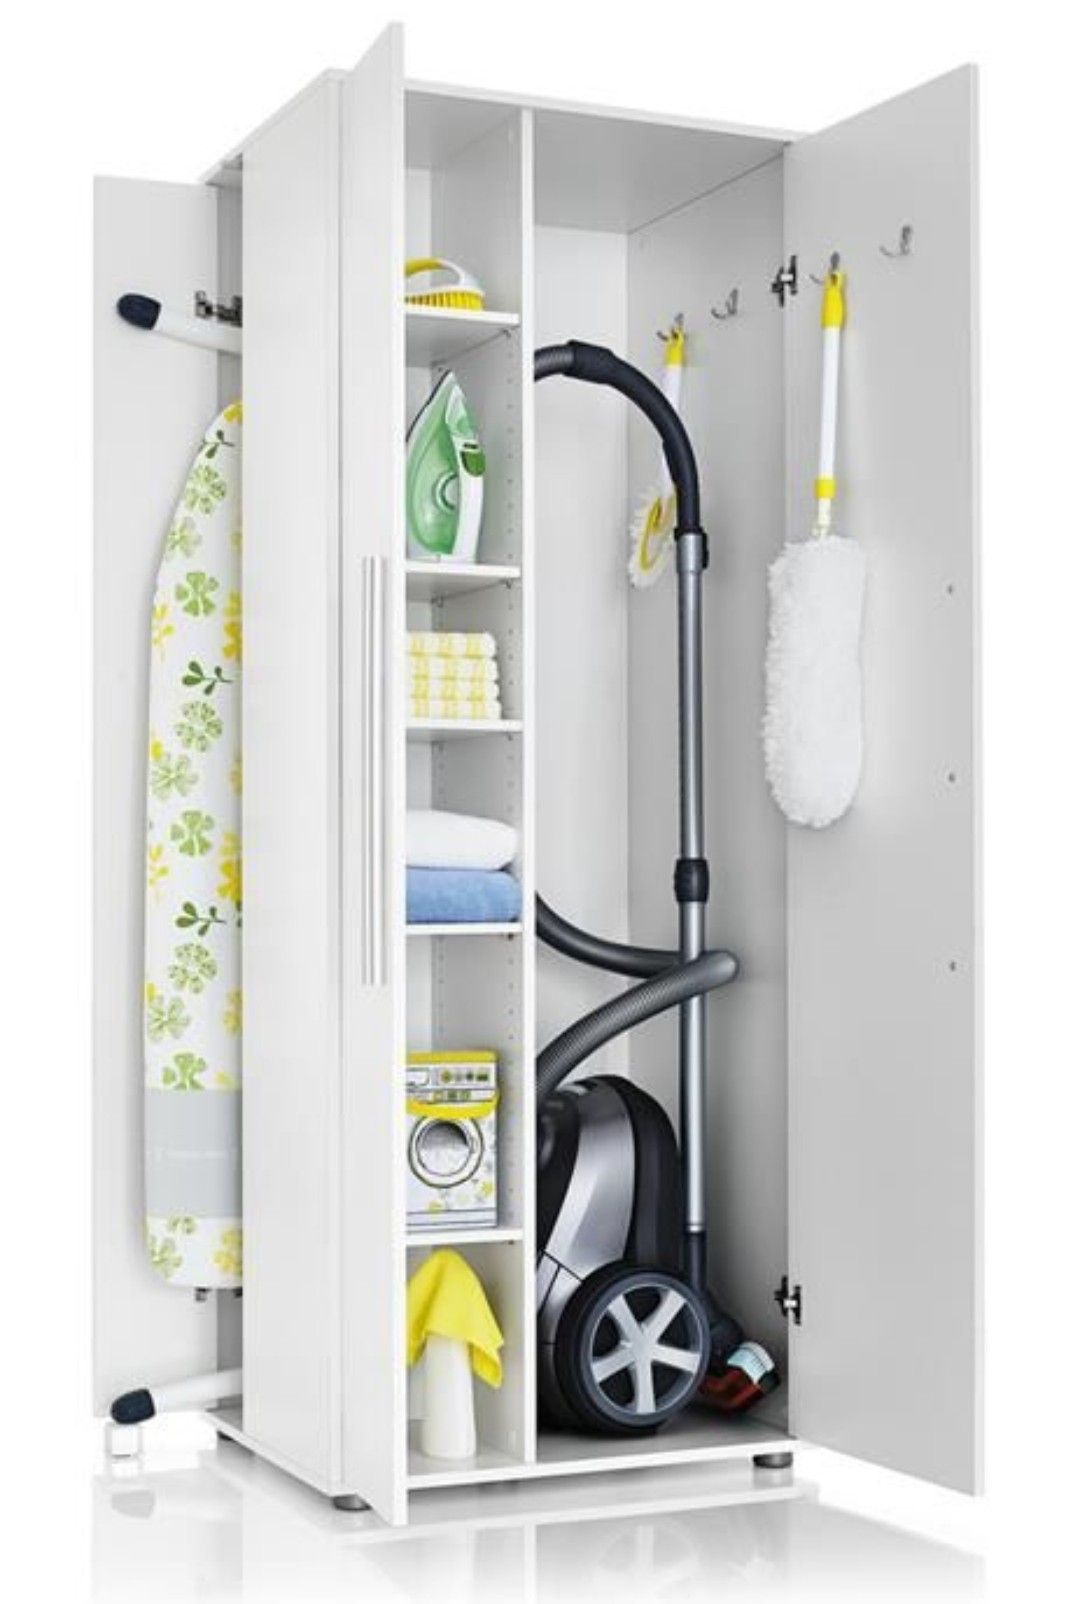 Armadio Per Scope Ikea.Vedere Soluzione Per Asse Da Stiro E Aspirapolvere Arredamento Lavanderia Arredamento Arredamento D Interni